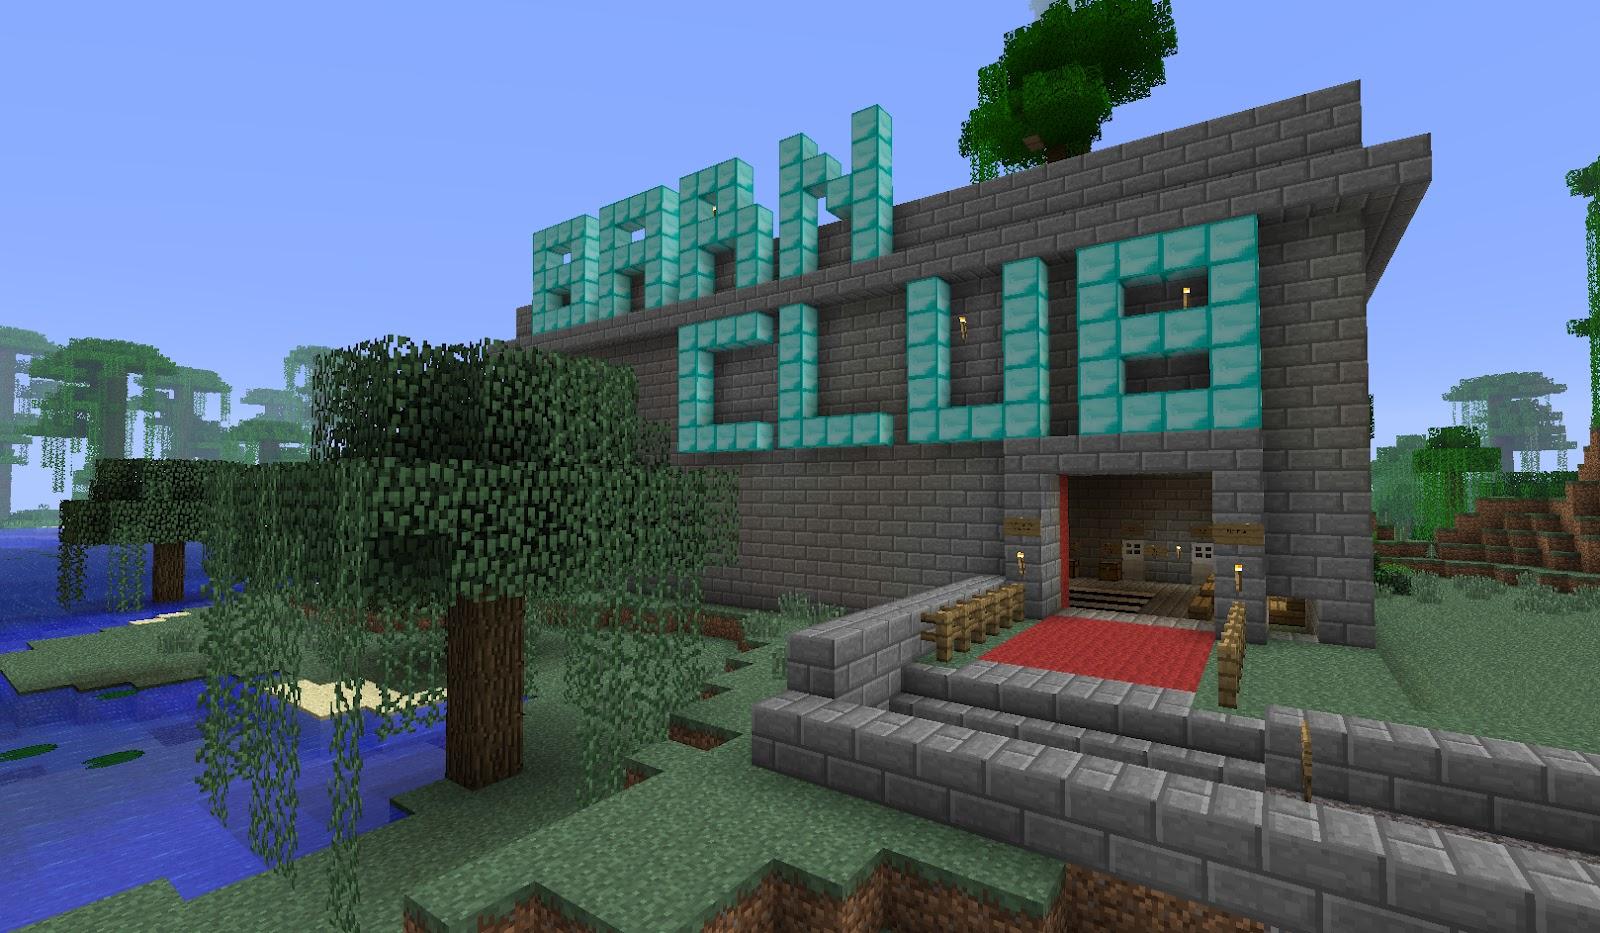 http://1.bp.blogspot.com/-o61rpaByBp0/T736Gm90jZI/AAAAAAAABVE/NcLkV4Un_00/s1600/Minecraft_barn_club.jpg